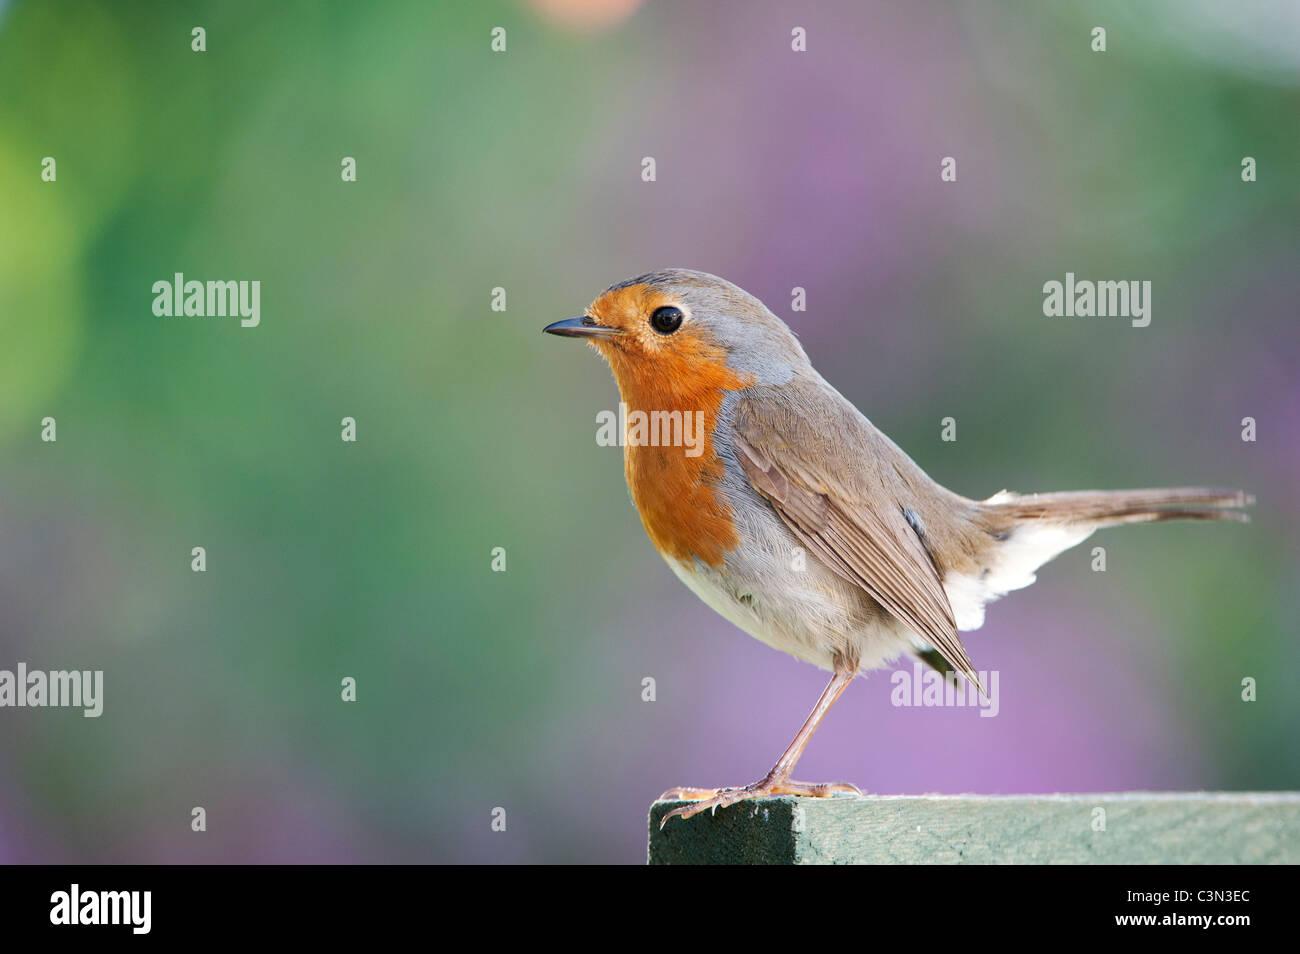 Robin on a garden trellis - Stock Image